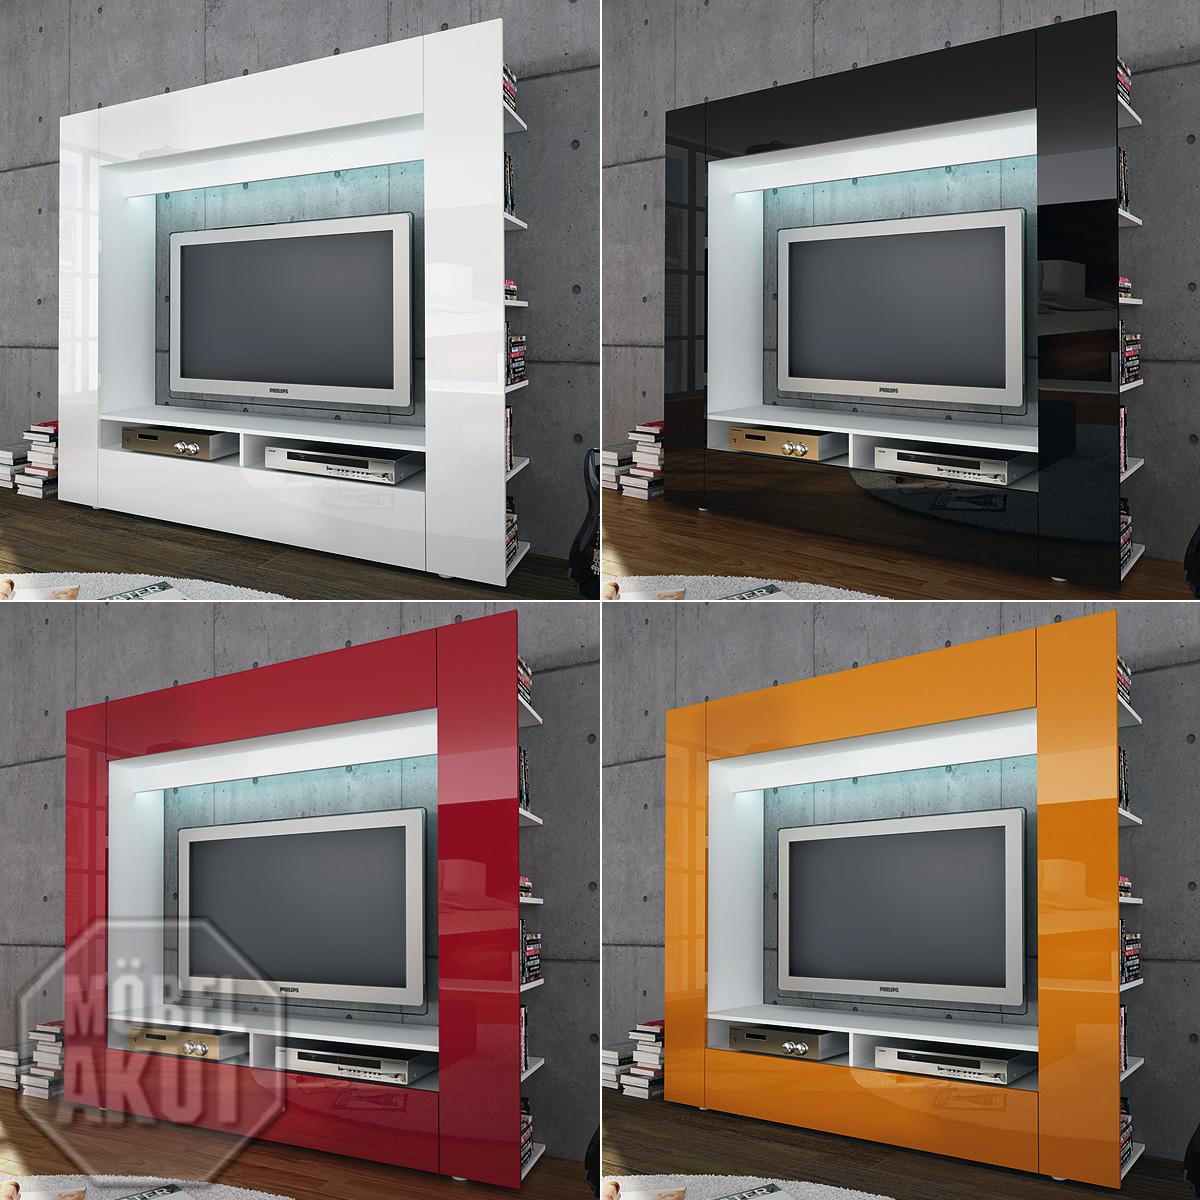 tv medienwand olli wohnwand wei schwarz rot orange hochglanz ebay. Black Bedroom Furniture Sets. Home Design Ideas